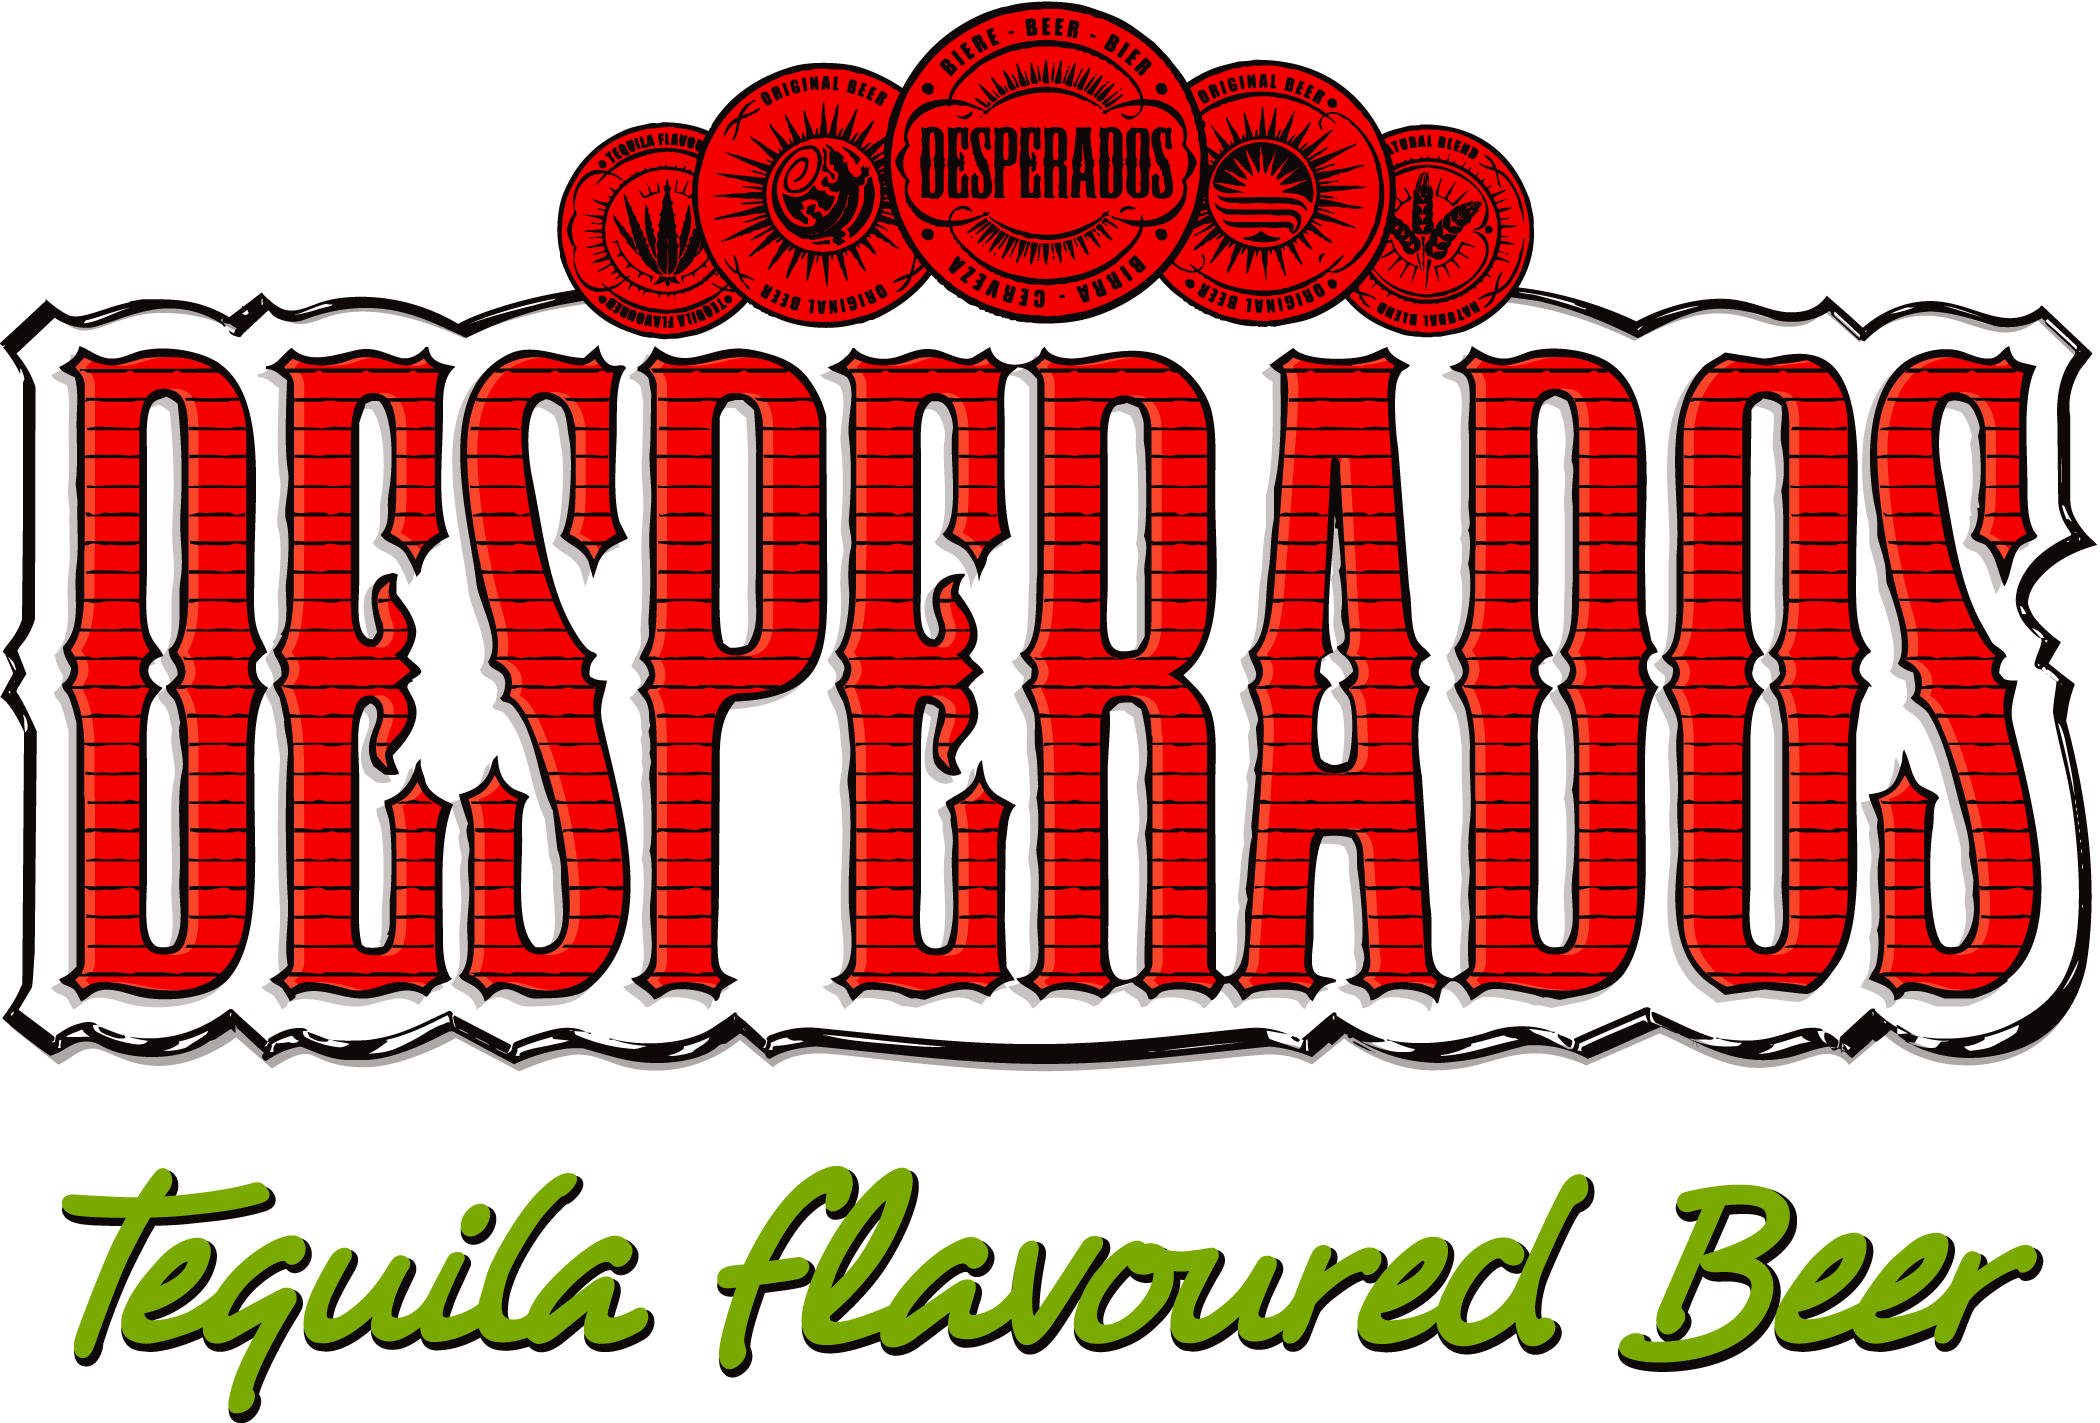 Desperados Beer Logos